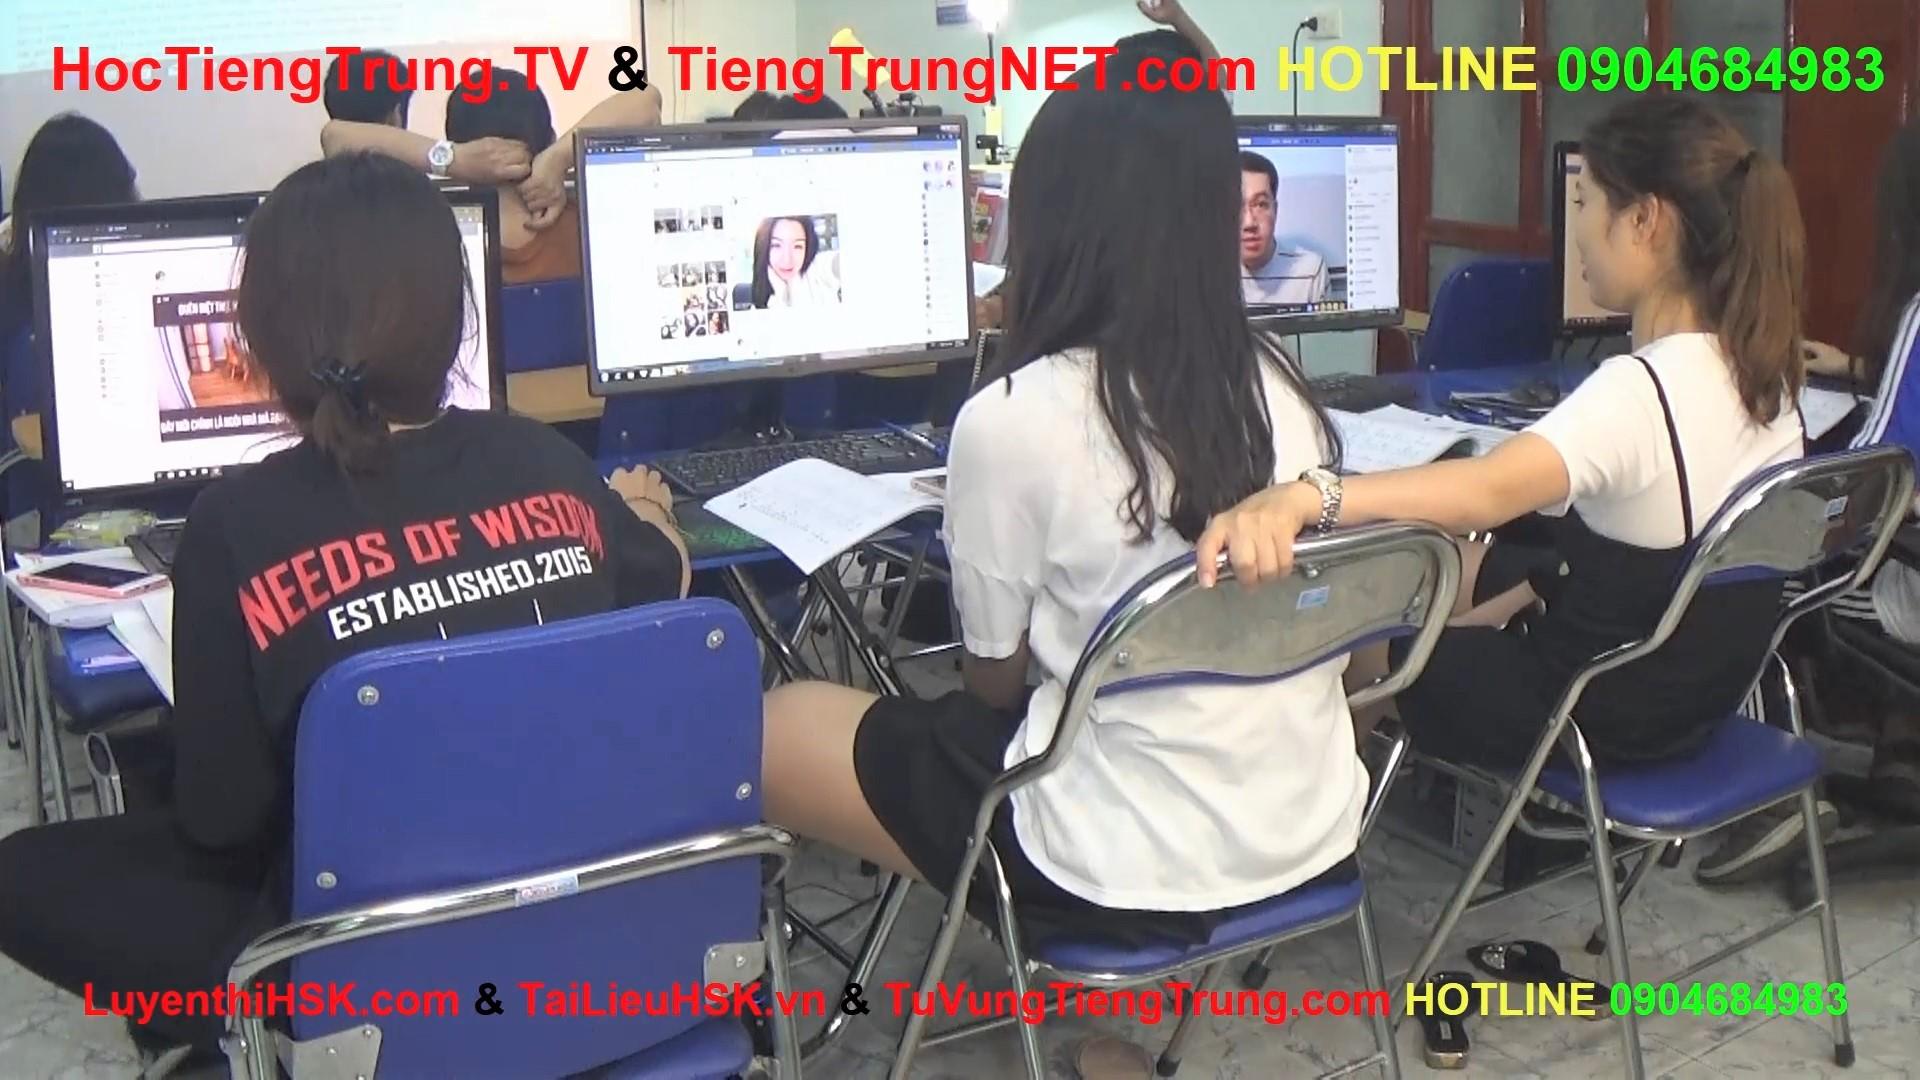 Học tiếng Trung online Thầy Vũ Trung tâm tiếng Trung ChineMaster 3